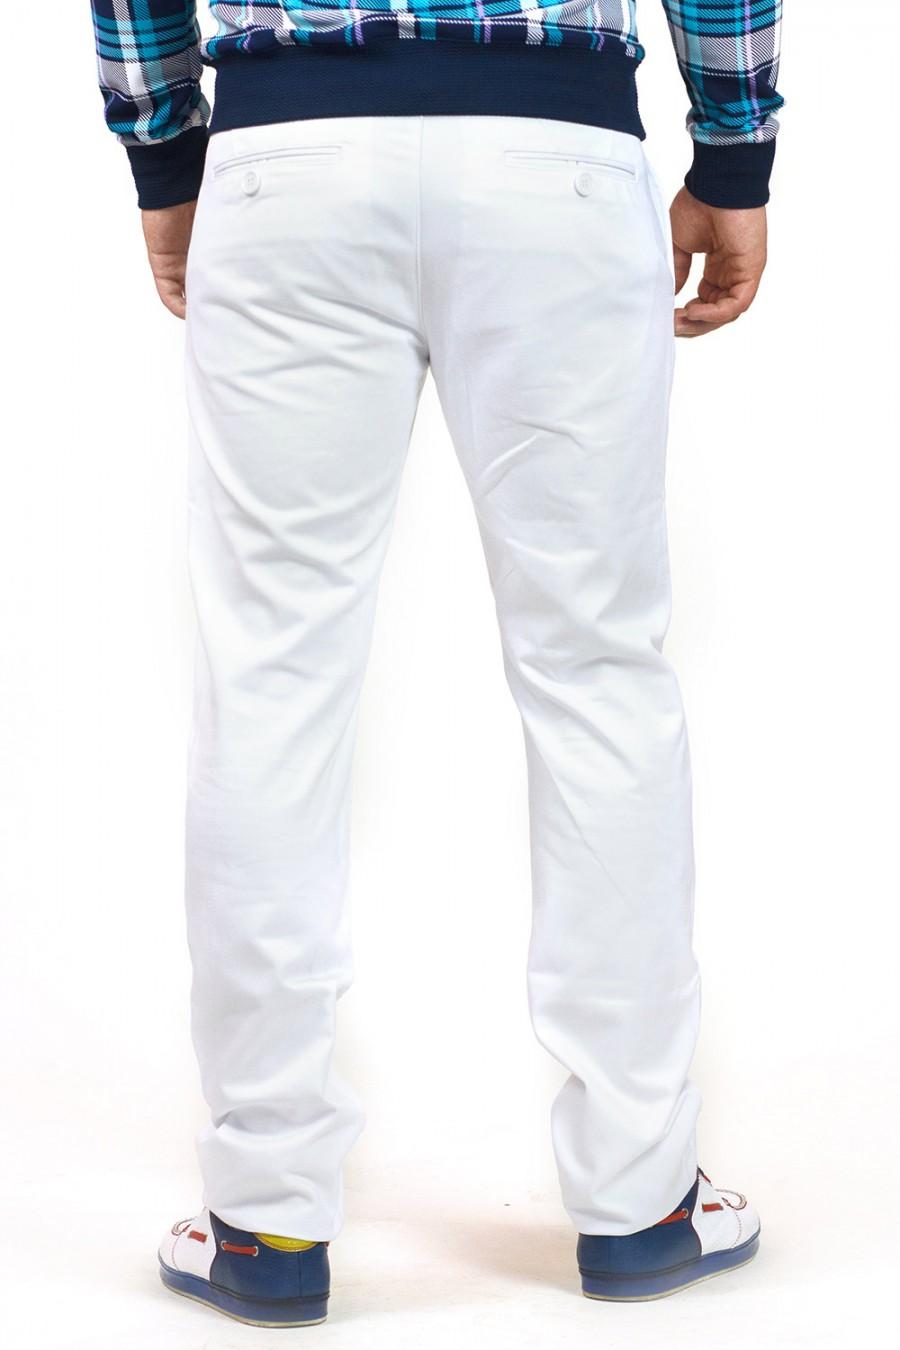 Мужские брюки Н-016